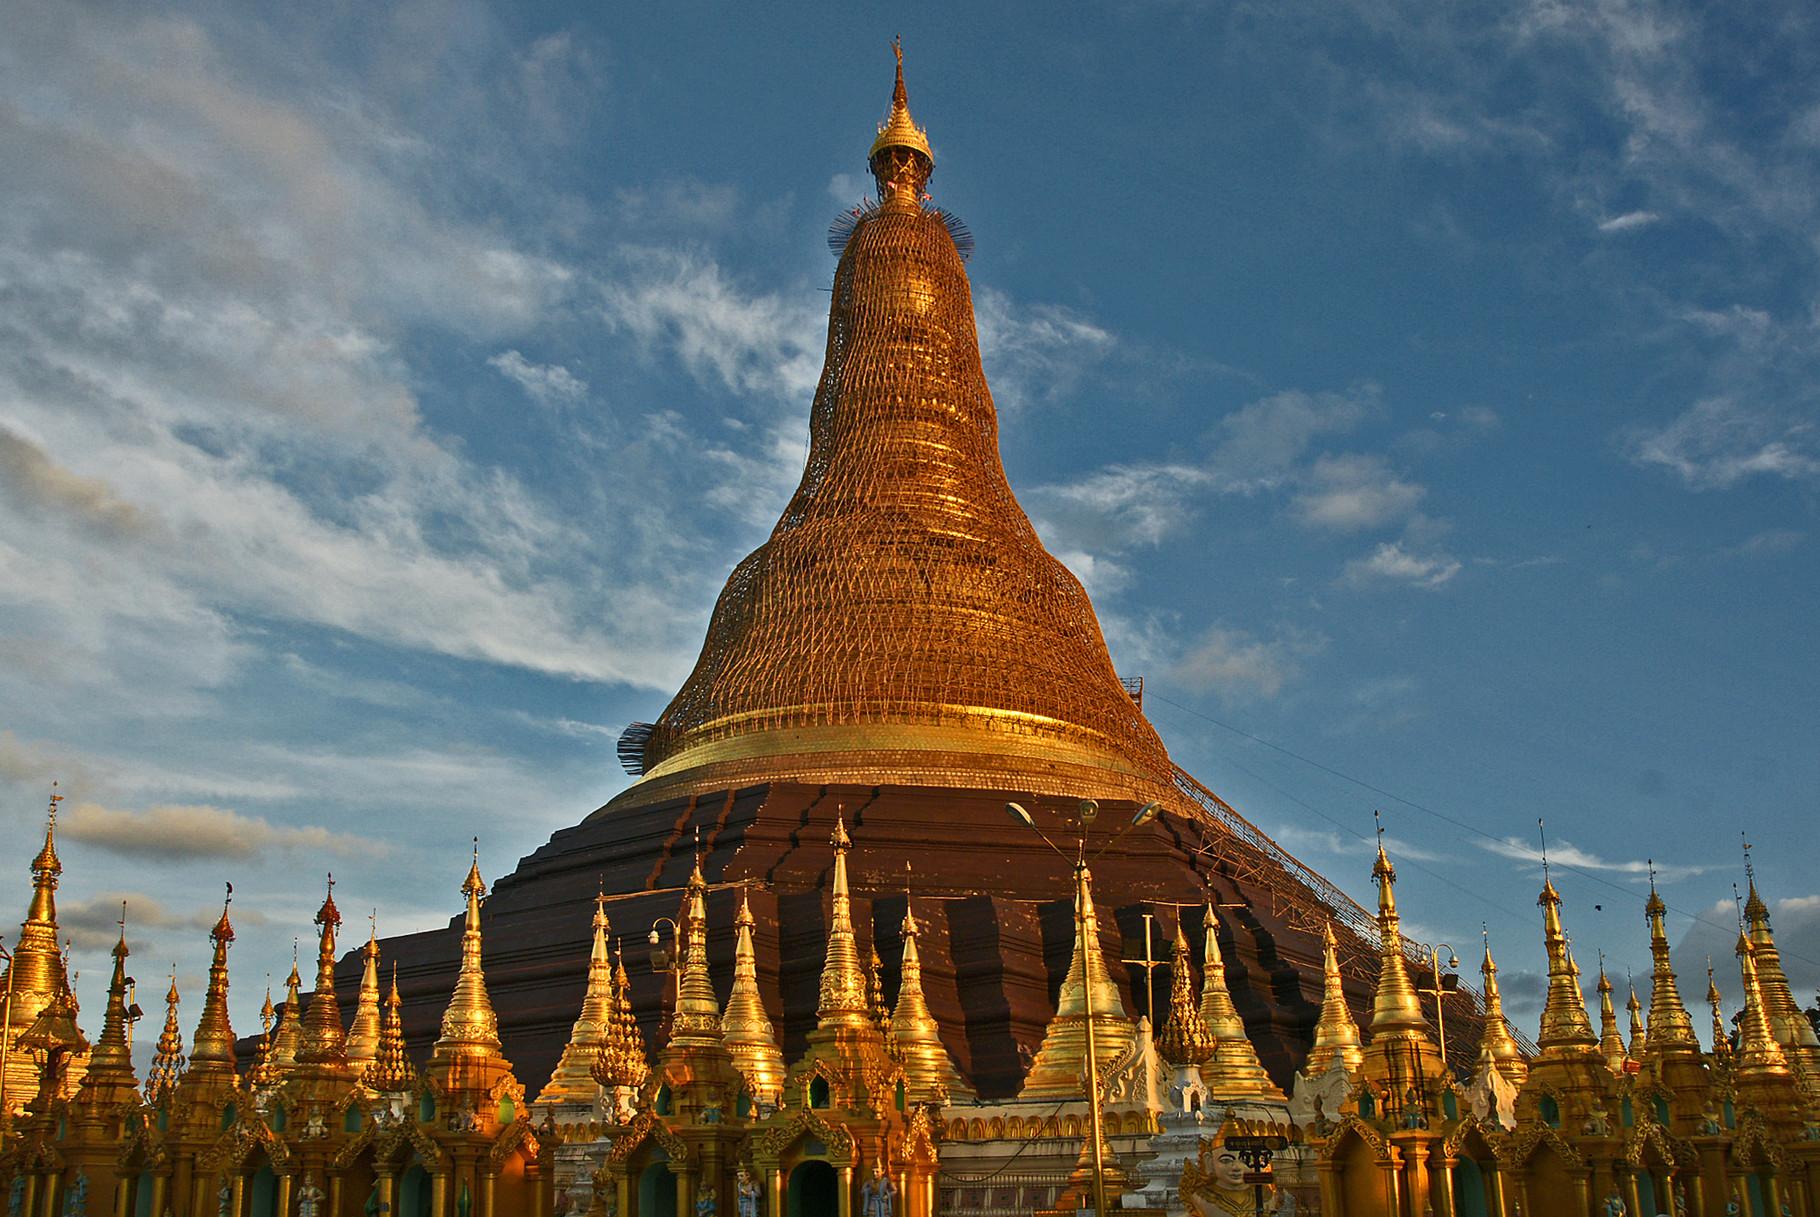 Und nochmal Shwedagon-Pagode im Abendlicht